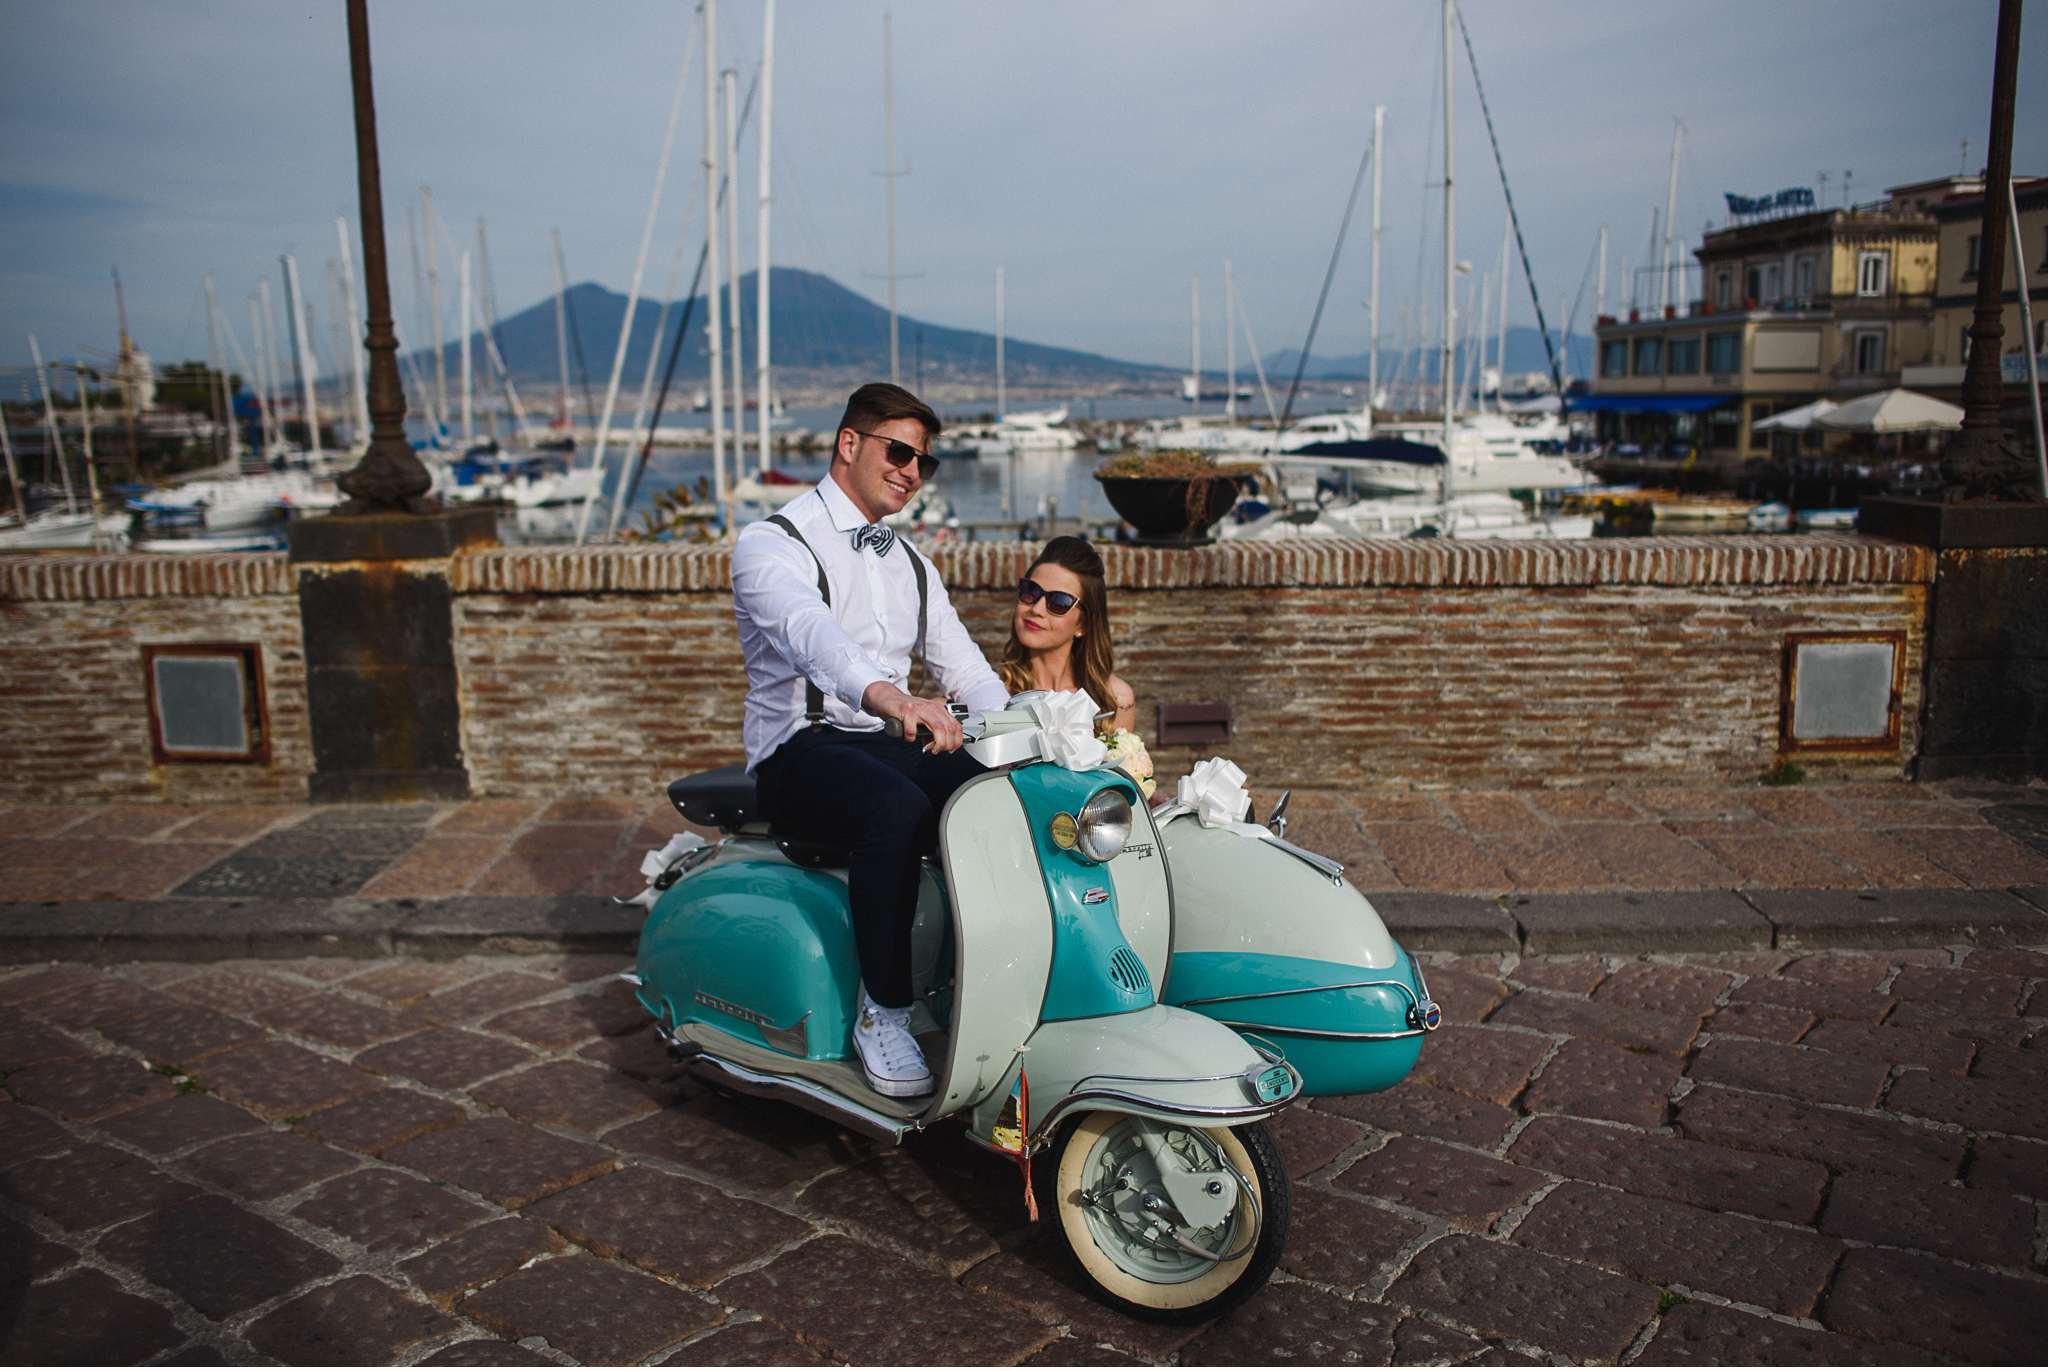 Interrail Reise - Italien Neapel - Geschichten von unterwegs - Foto Daniel Kempf-Seifried-49